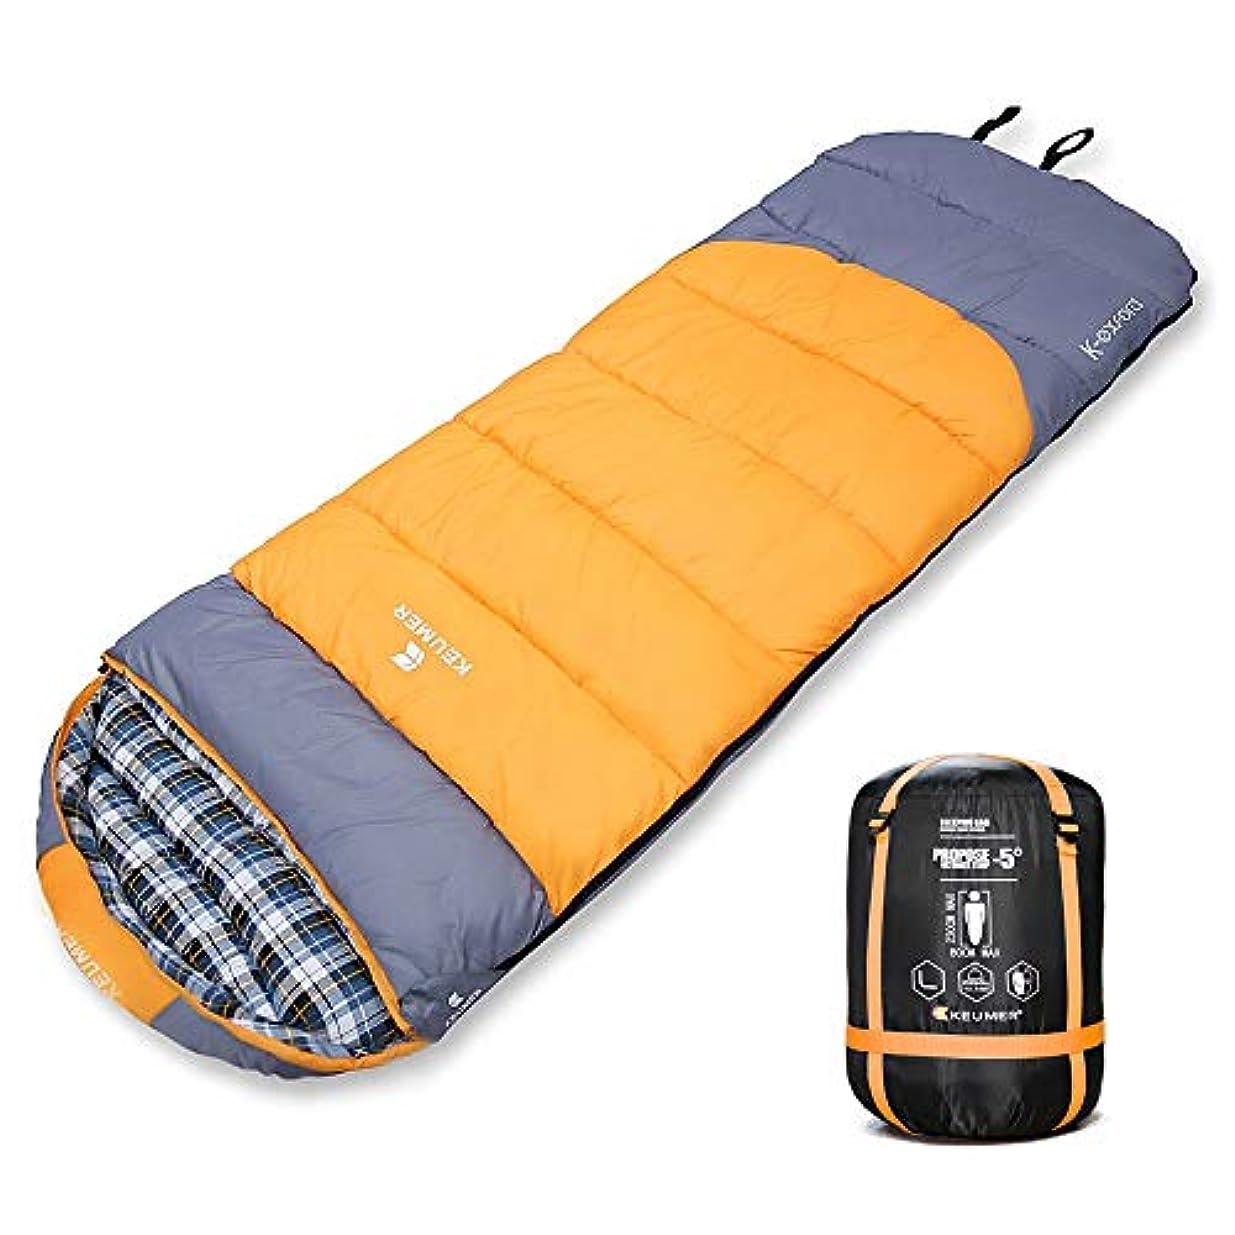 カナダロケーション写真撮影ZOMAKE寝袋 シュラフ コンパクト スリーピングバッグ 軽量 封筒型 収納袋付き 最低使用温度2度 登山 車中泊 防災用 災害時 避難用